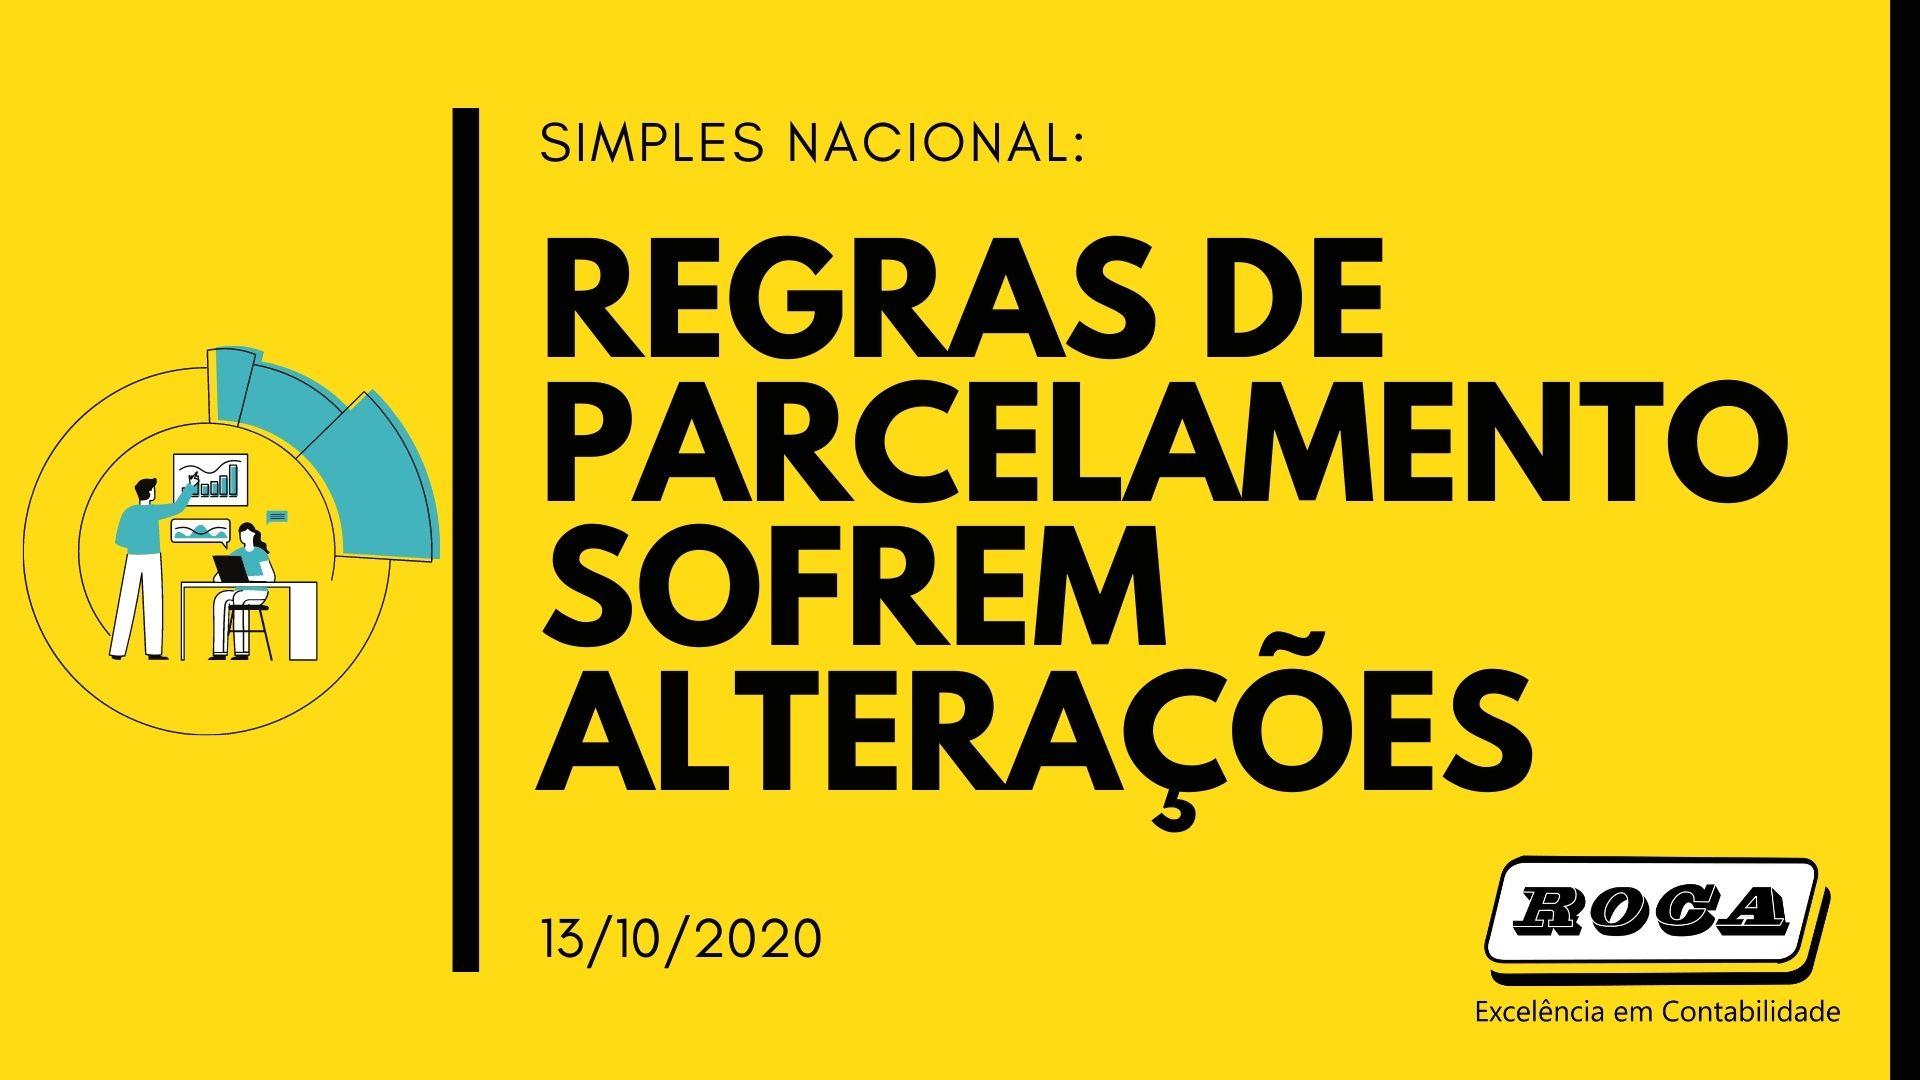 Simples Nacional: REGRAS DE PARCELAMENTO SOFREM ALTERAÇÕES